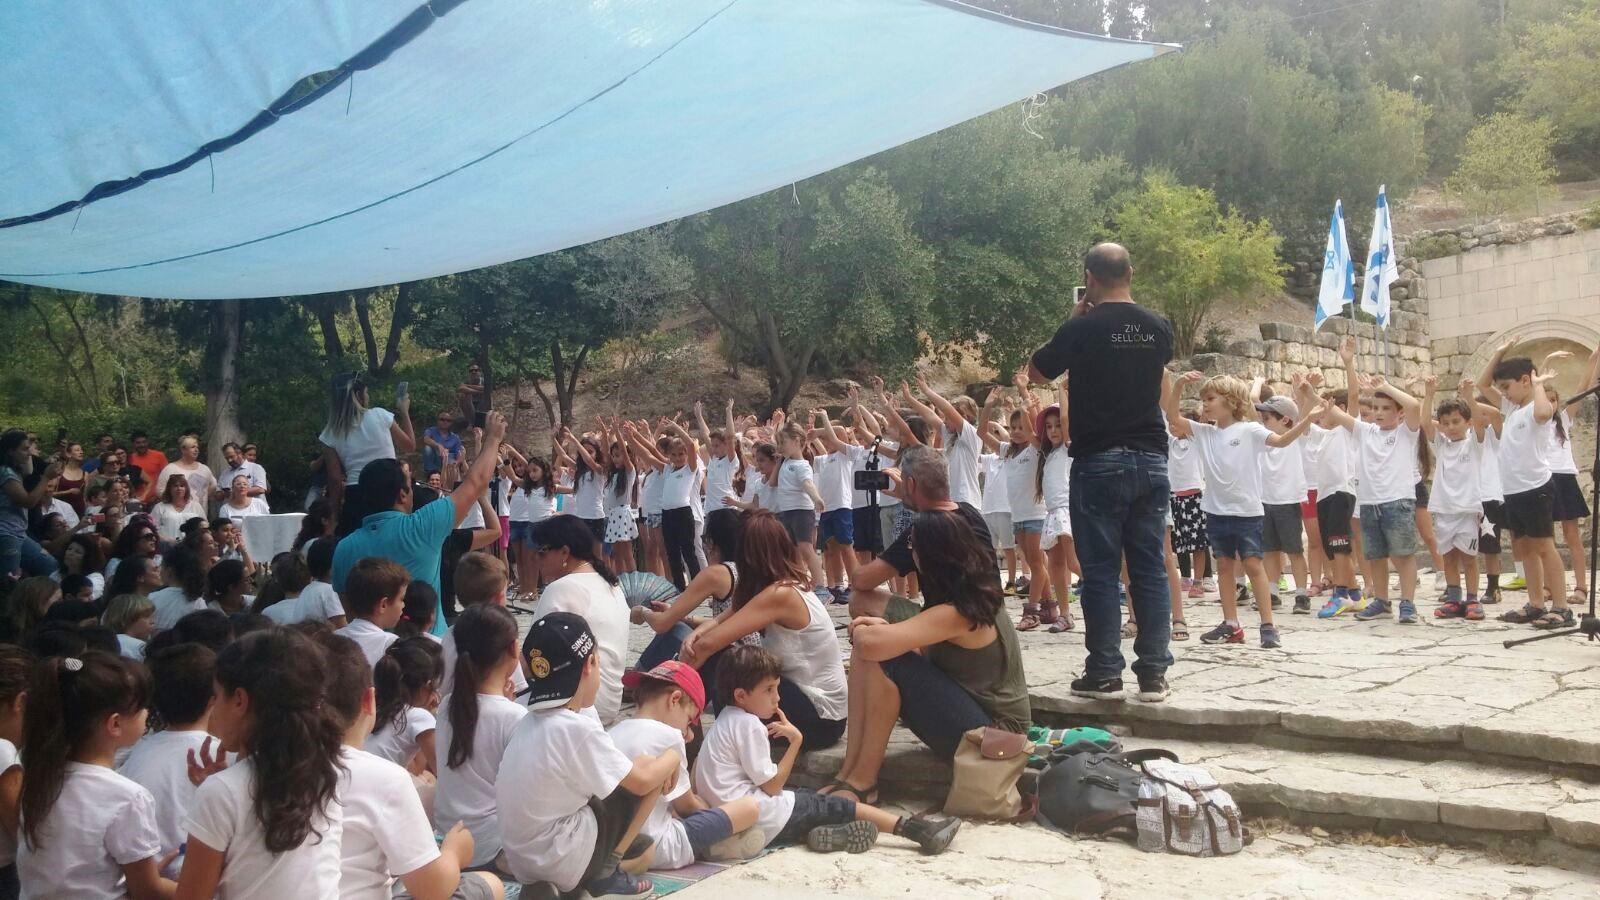 קריית טבעון: תלמידי כיתה ב' בבתי הספר קיבלו את ספר התורה בטקס חגיגי בגן הלאומי בית שערים